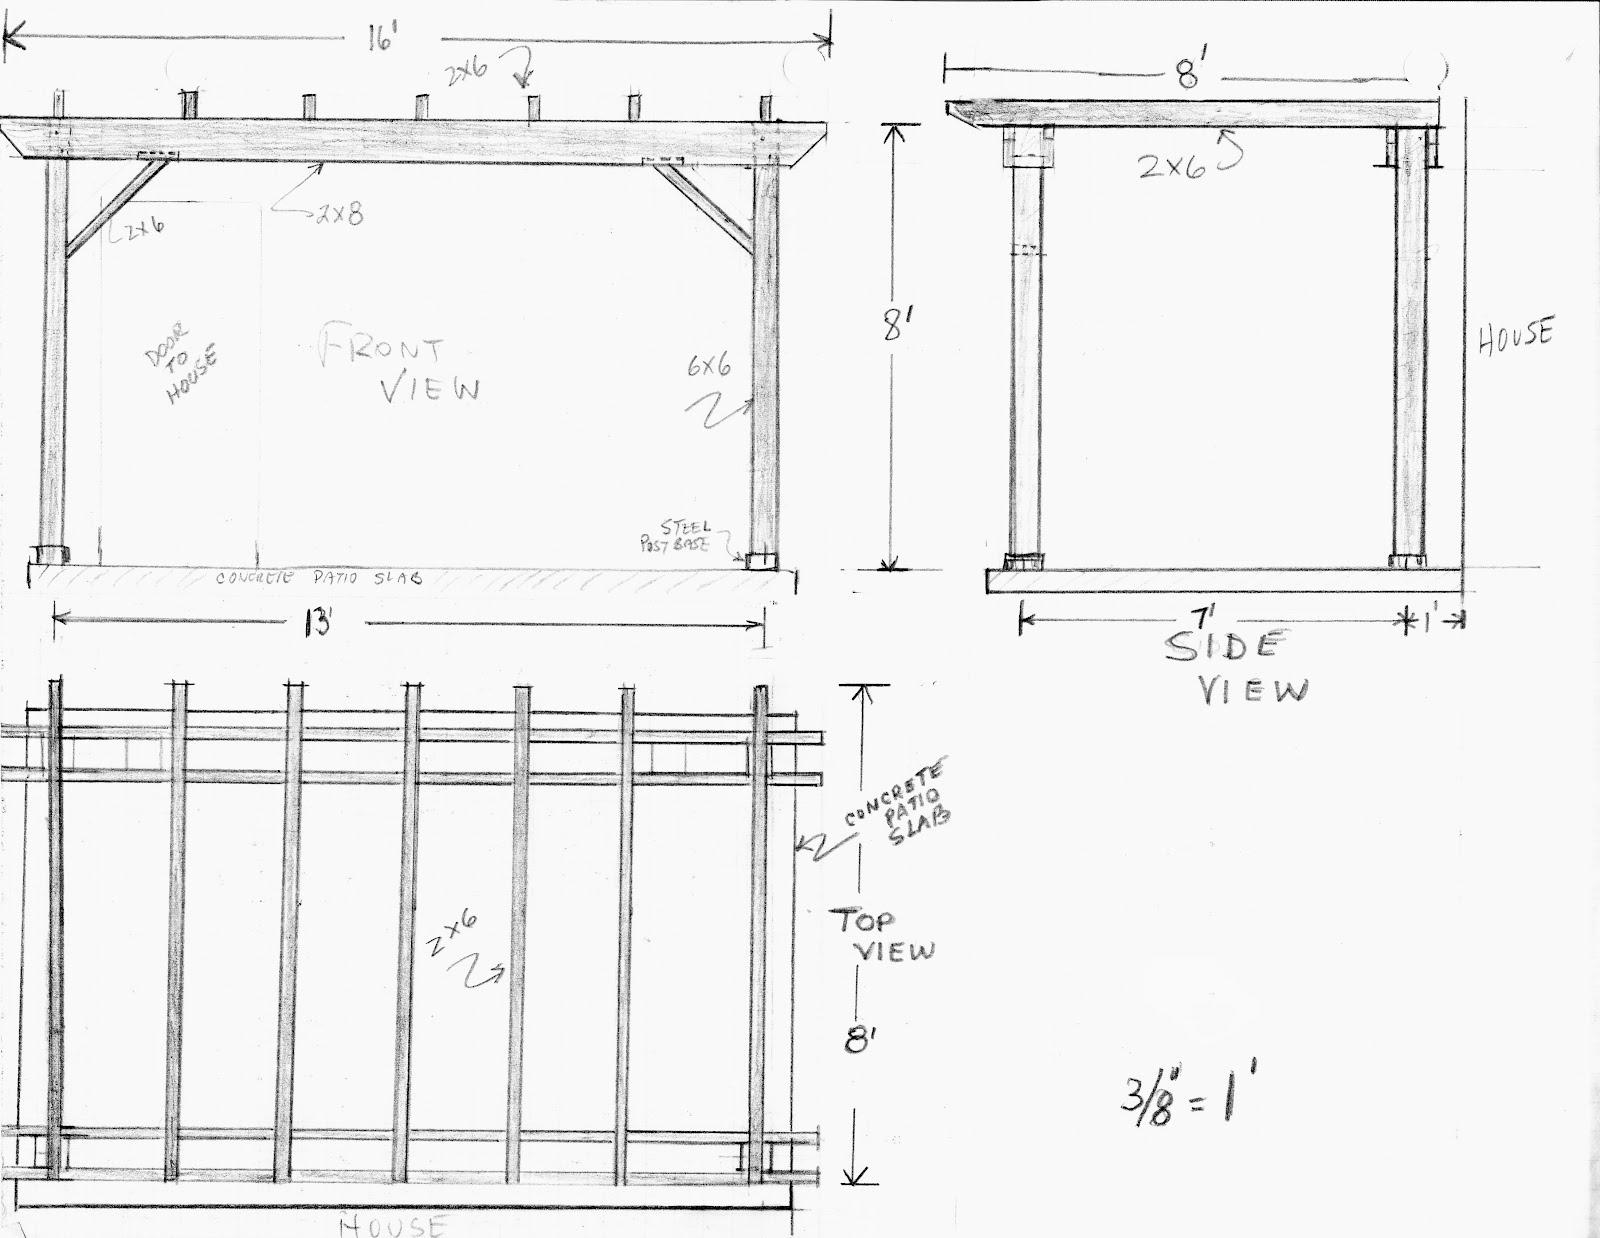 woodwork plans for pergola pdf plans. Black Bedroom Furniture Sets. Home Design Ideas